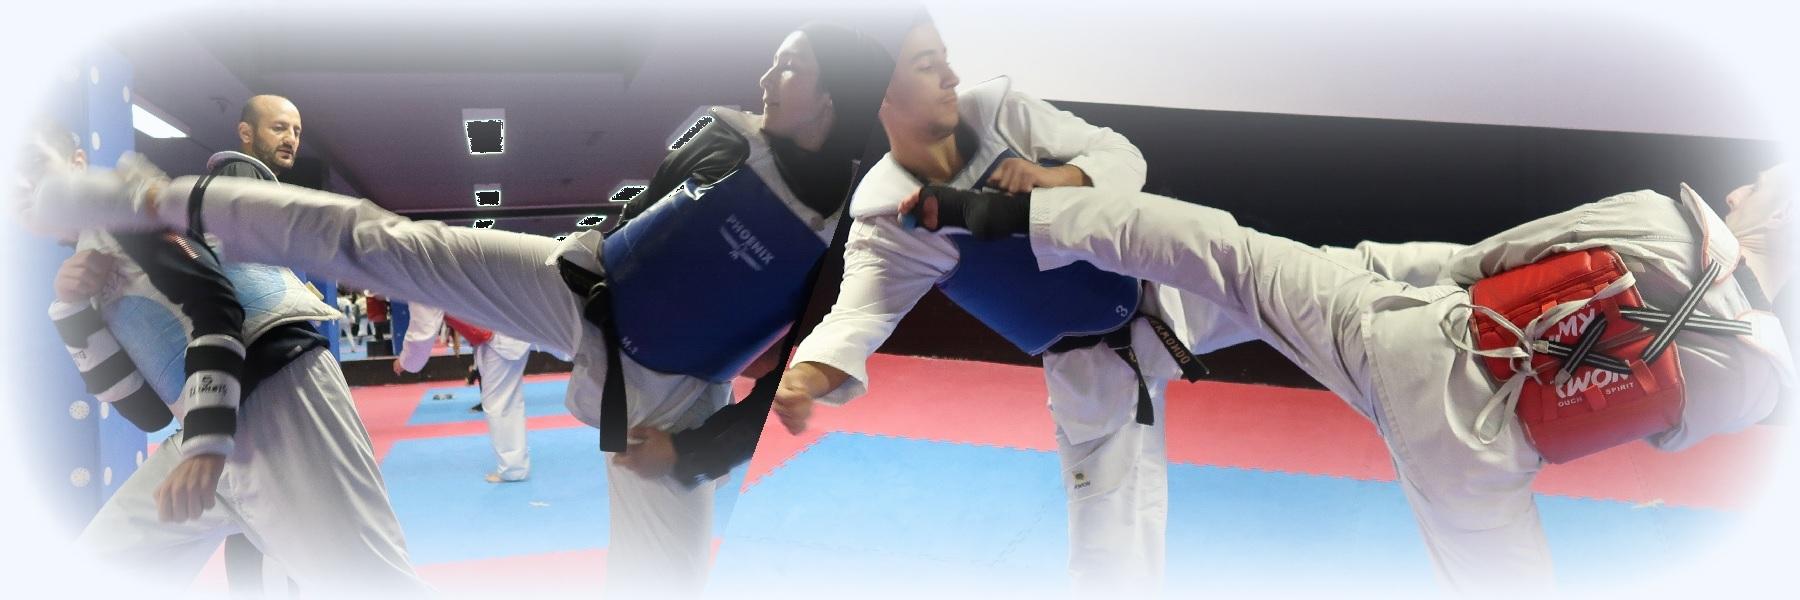 Taekwondo-Header-1